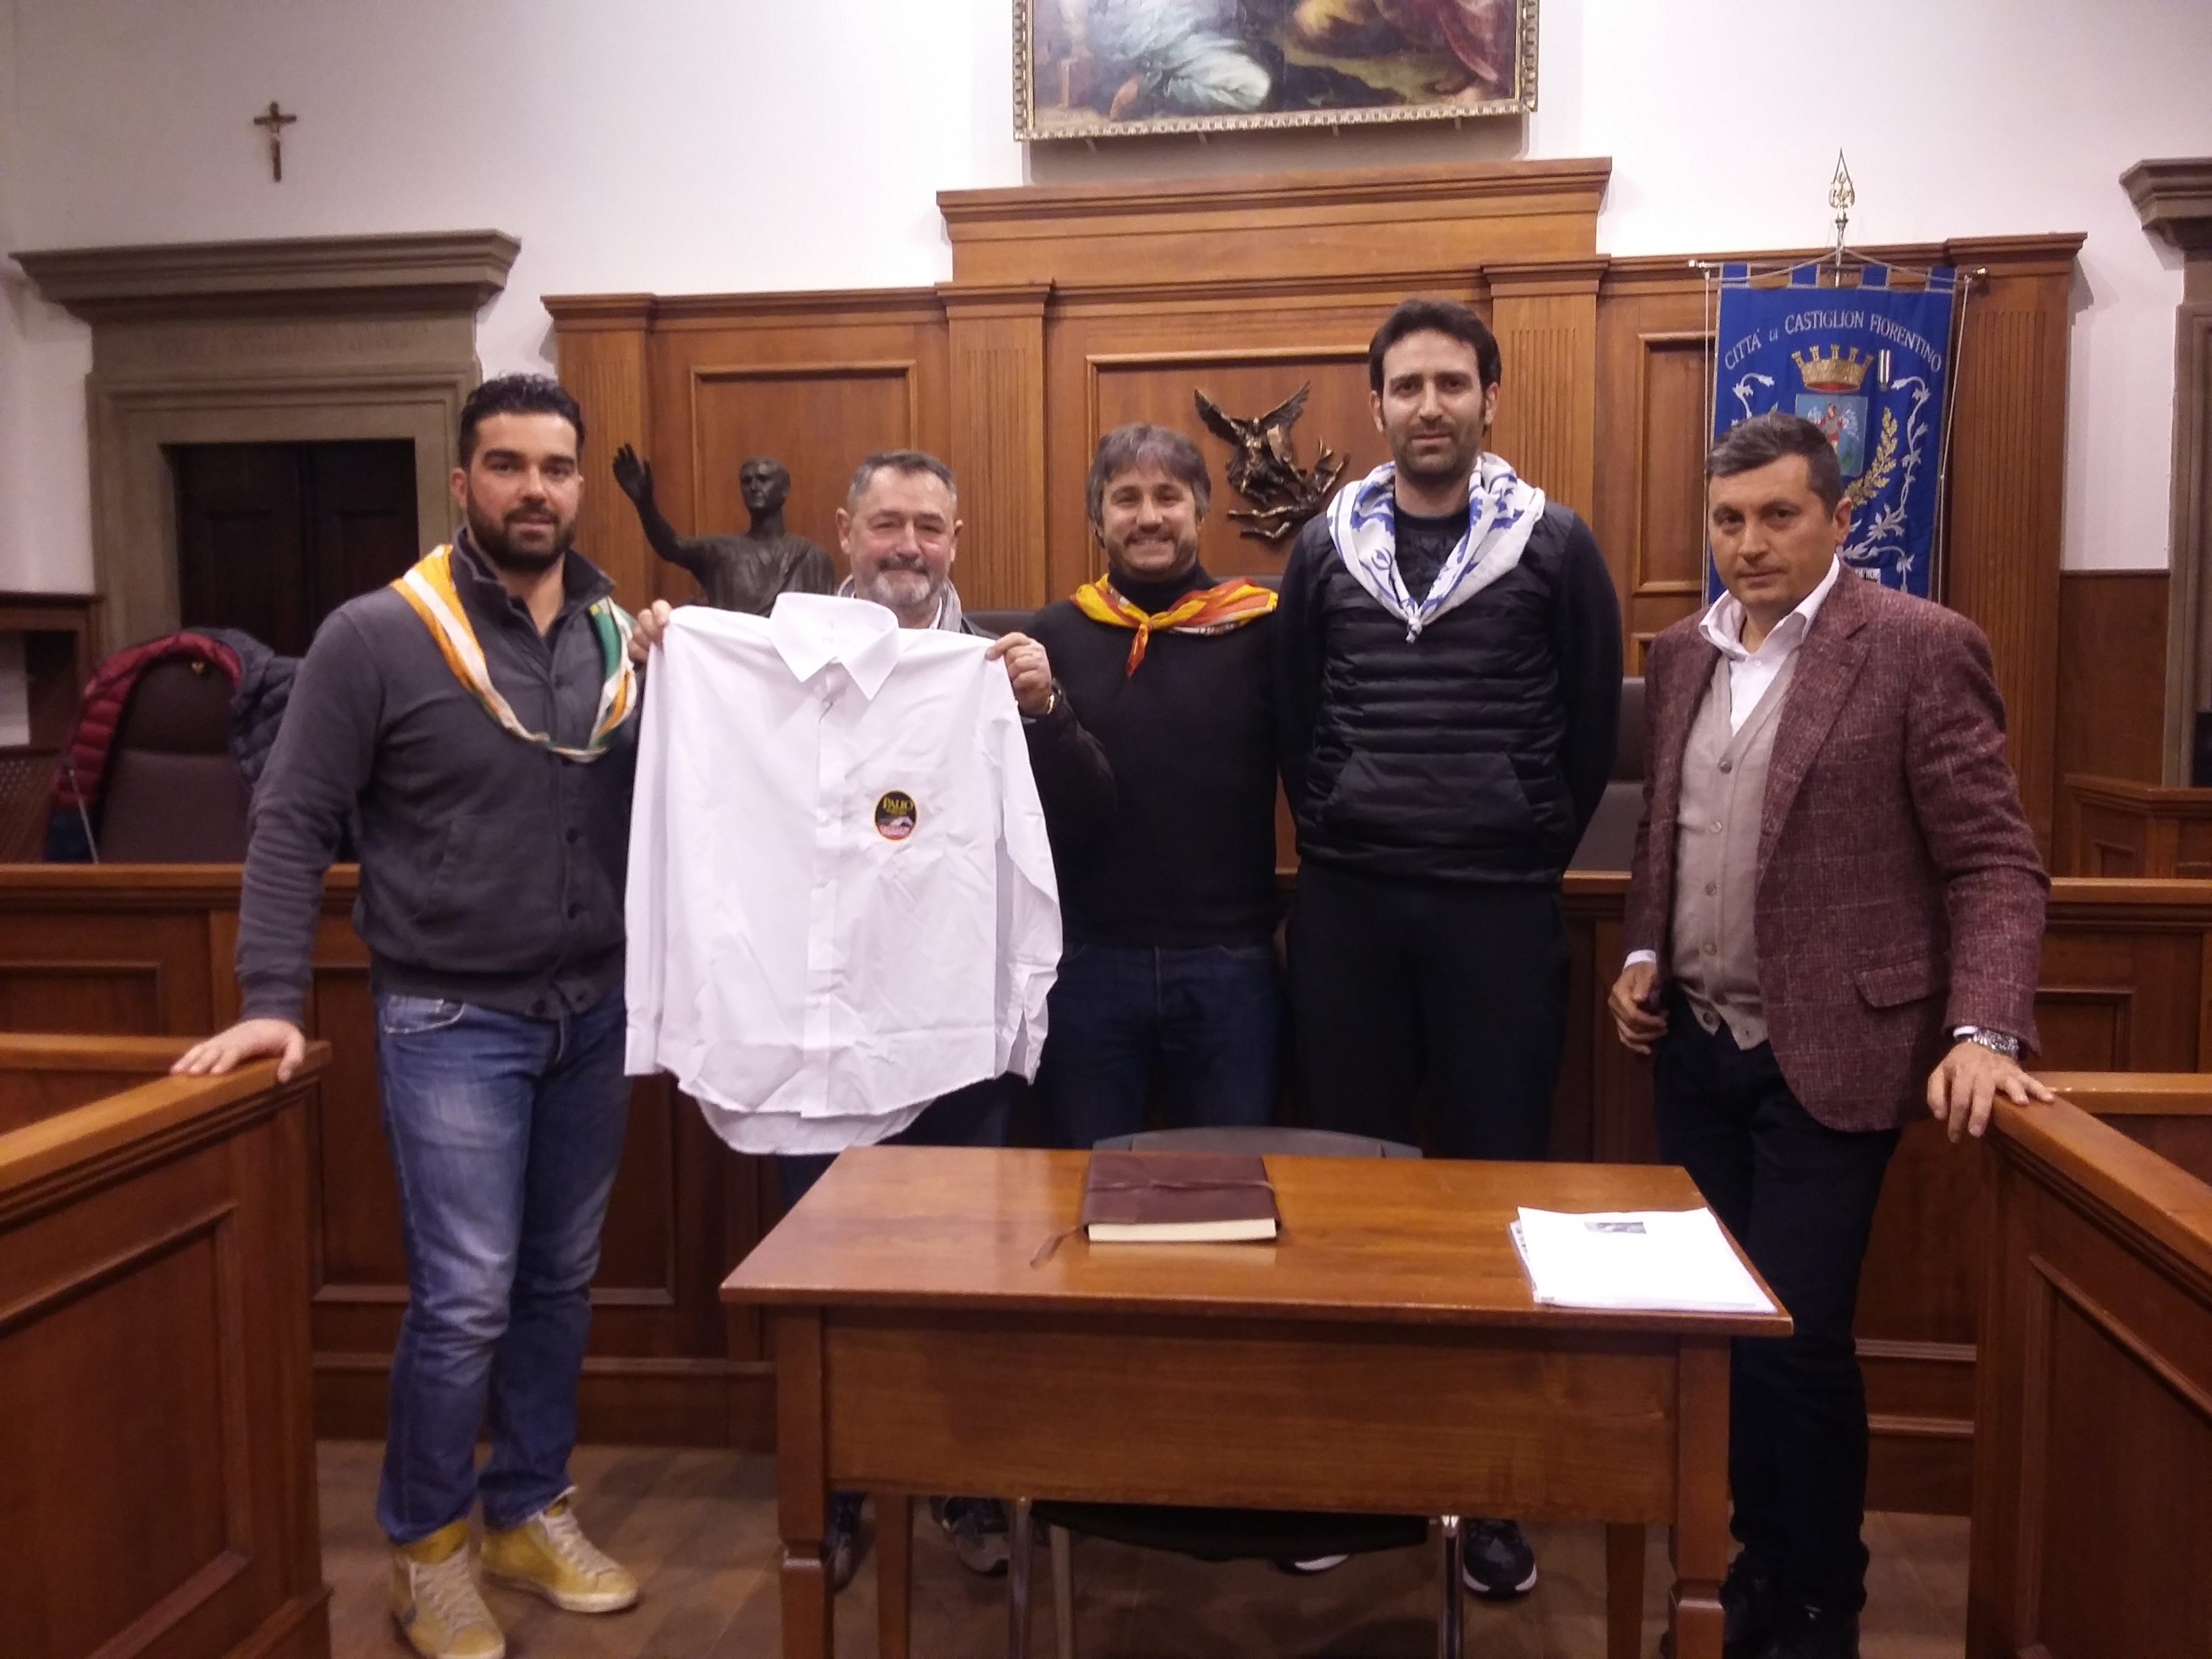 Palio dei Rioni, il nuovo Magistrato ha firmato il 'Codex Palii'